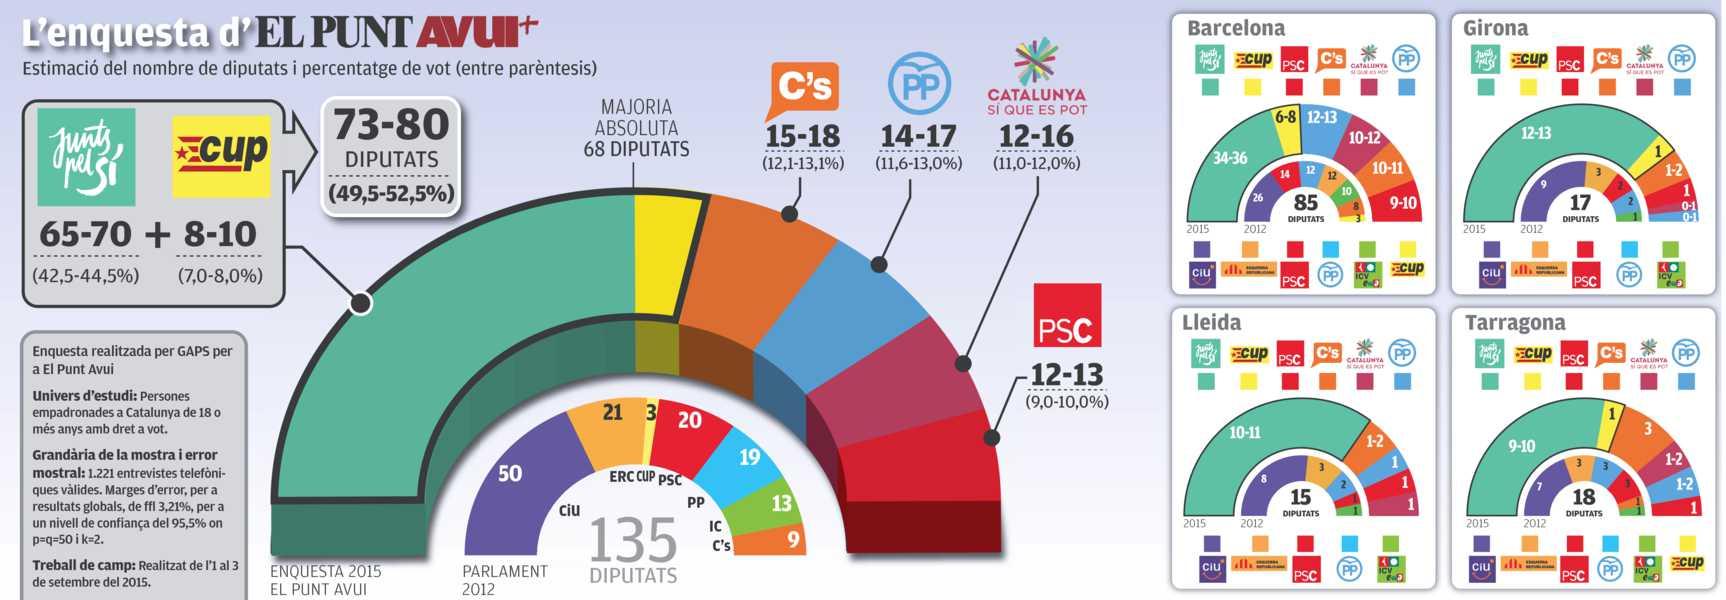 Fracaso de Podemos en Cataluña y Juntos Por el Sí sin mayoría absoluta